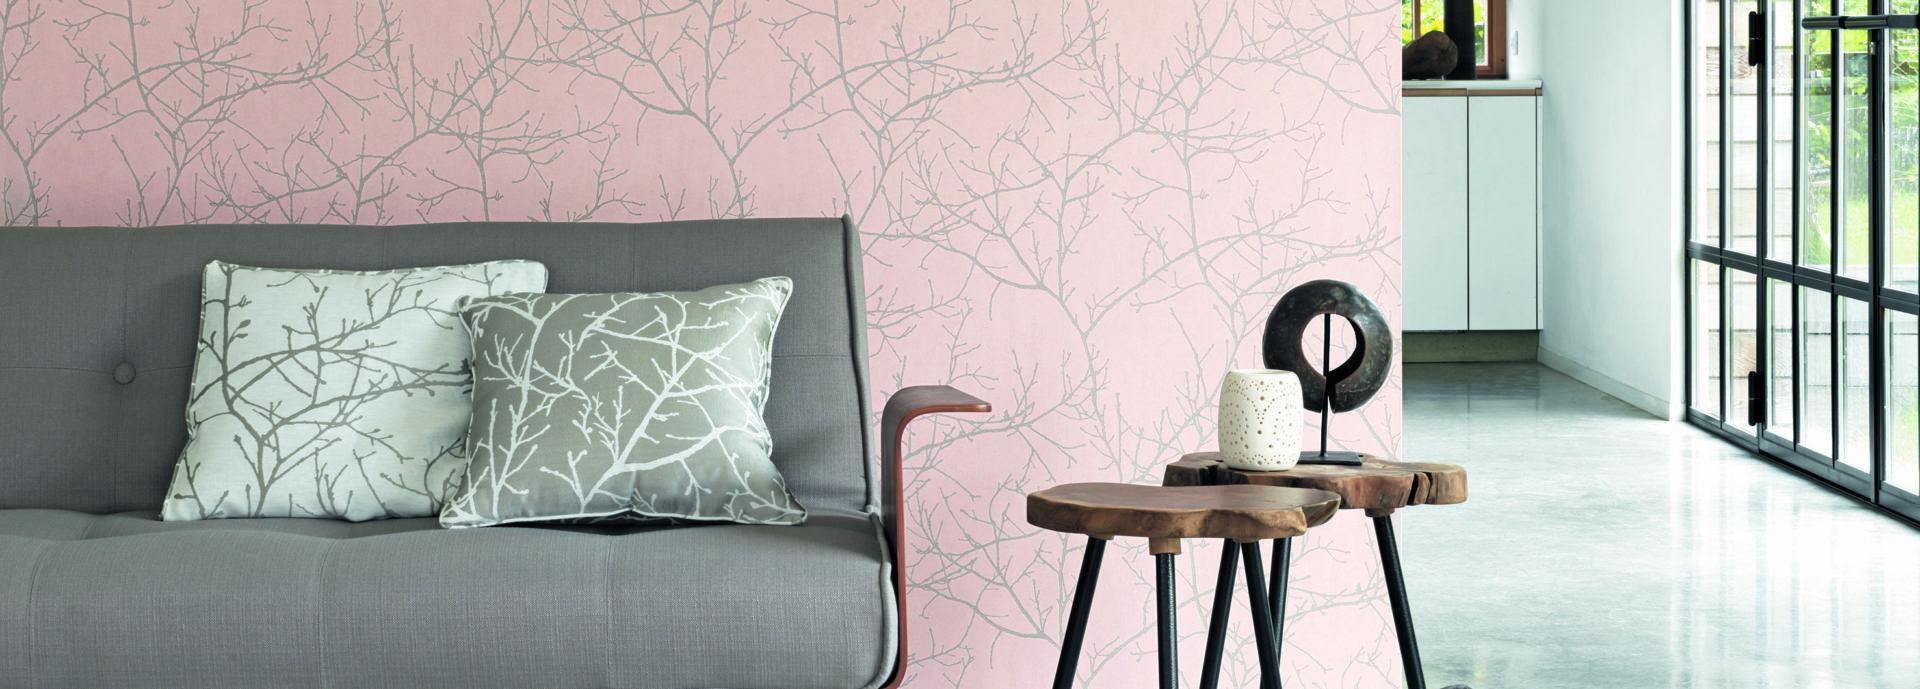 Colocar papel pintado sobre gotele latest papel pintado - Se puede poner papel pintado sobre gotele ...